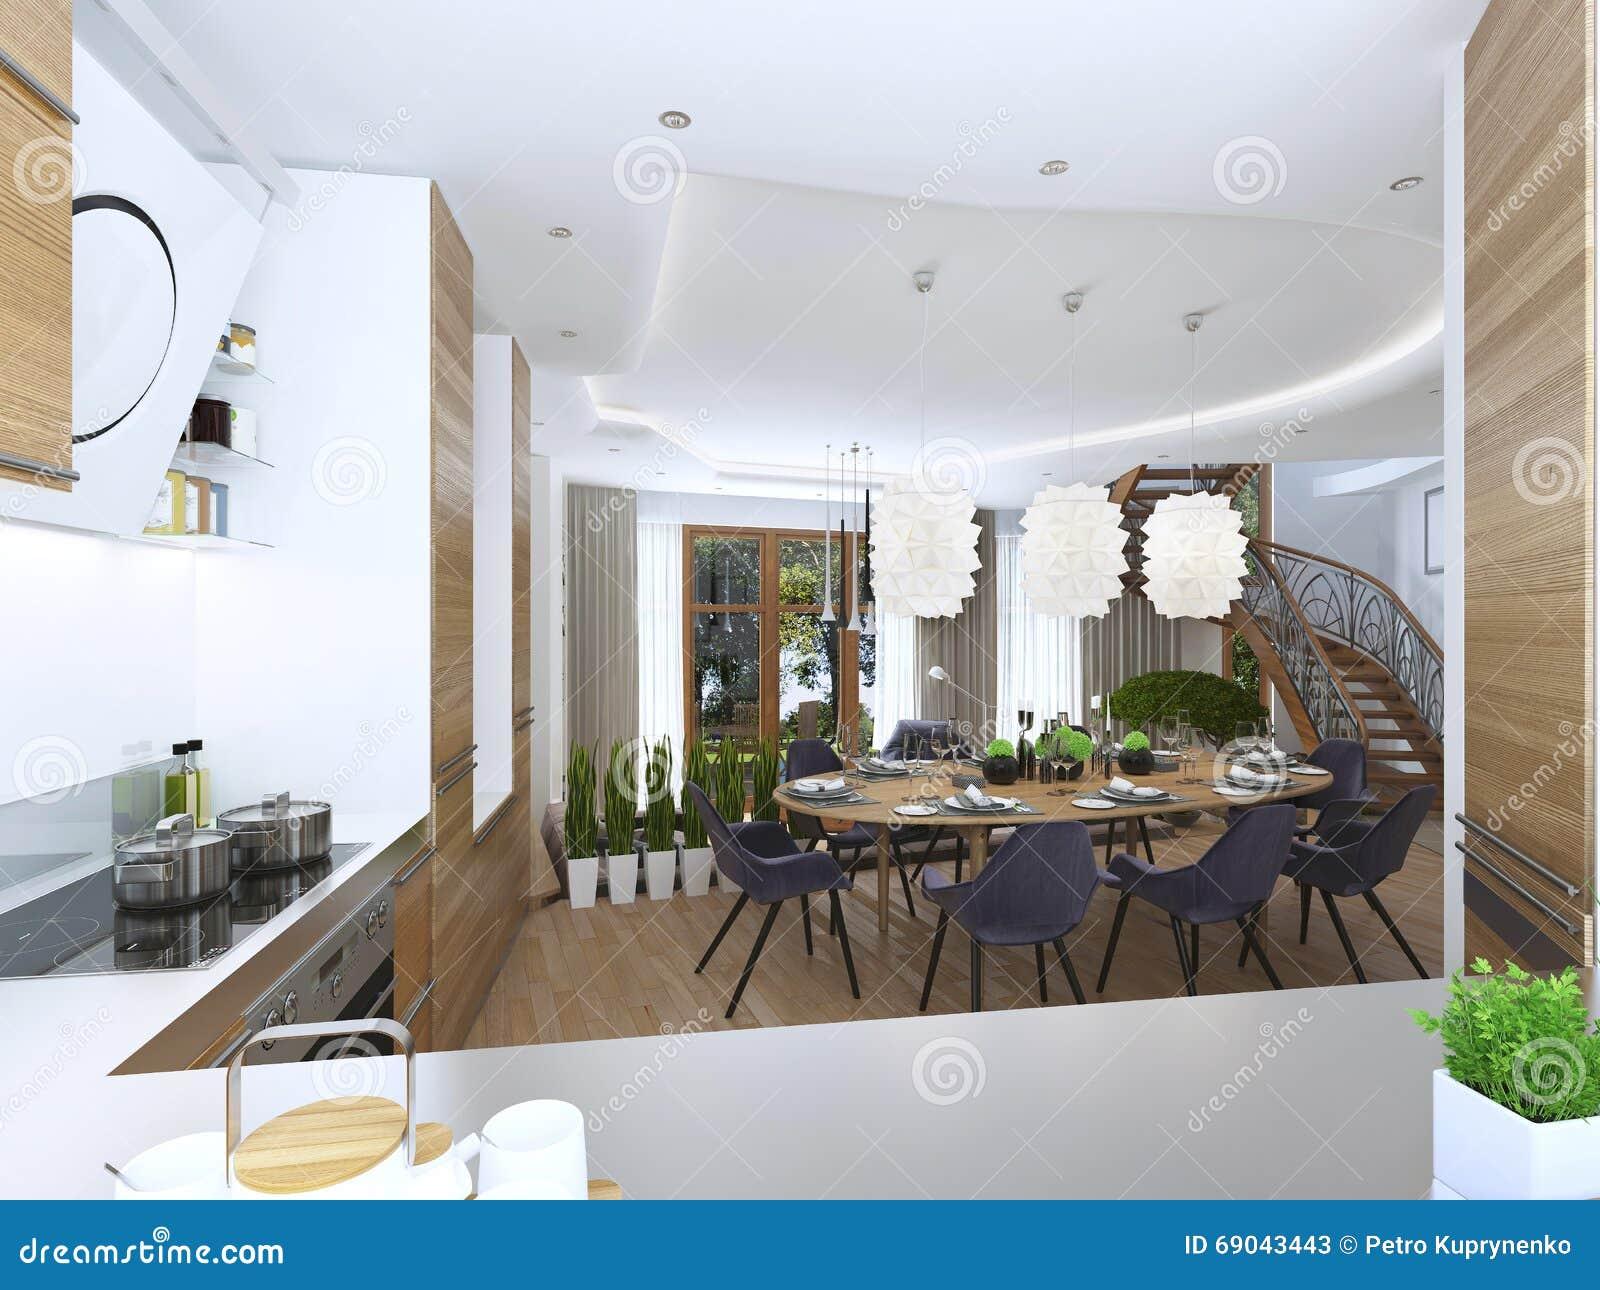 Het Dineren Keukenontwerp In Een Moderne Stijl Met Een Eettafel En ...